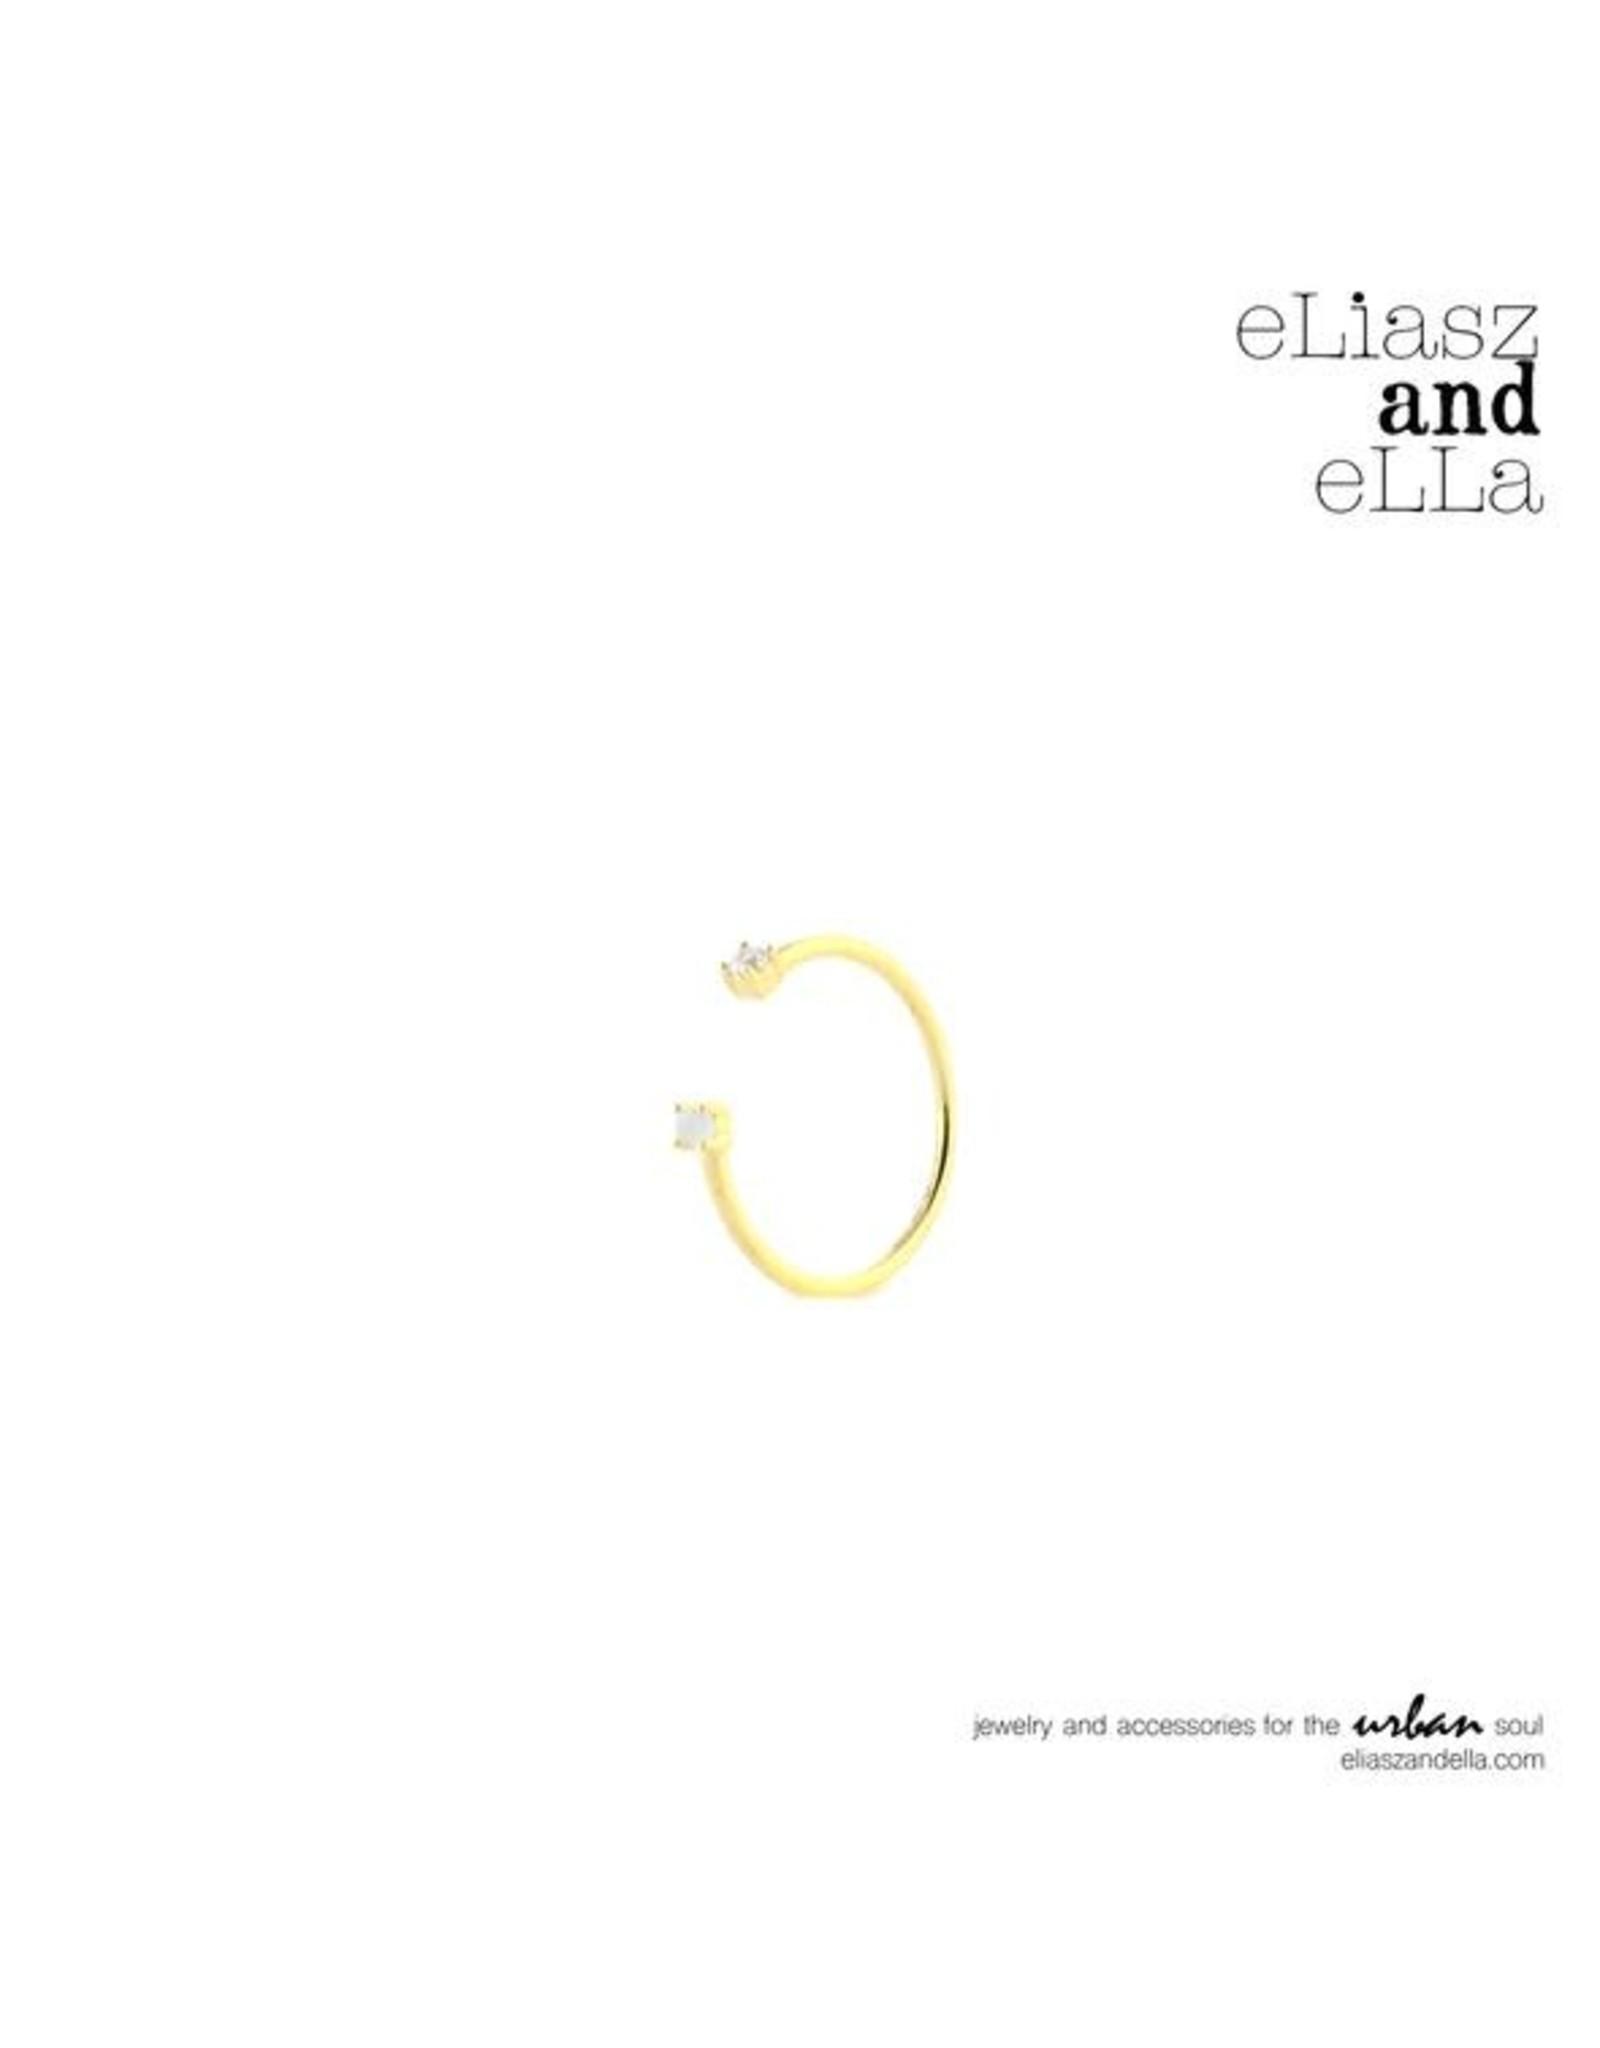 eLiasz and eLLa TreSor Ring